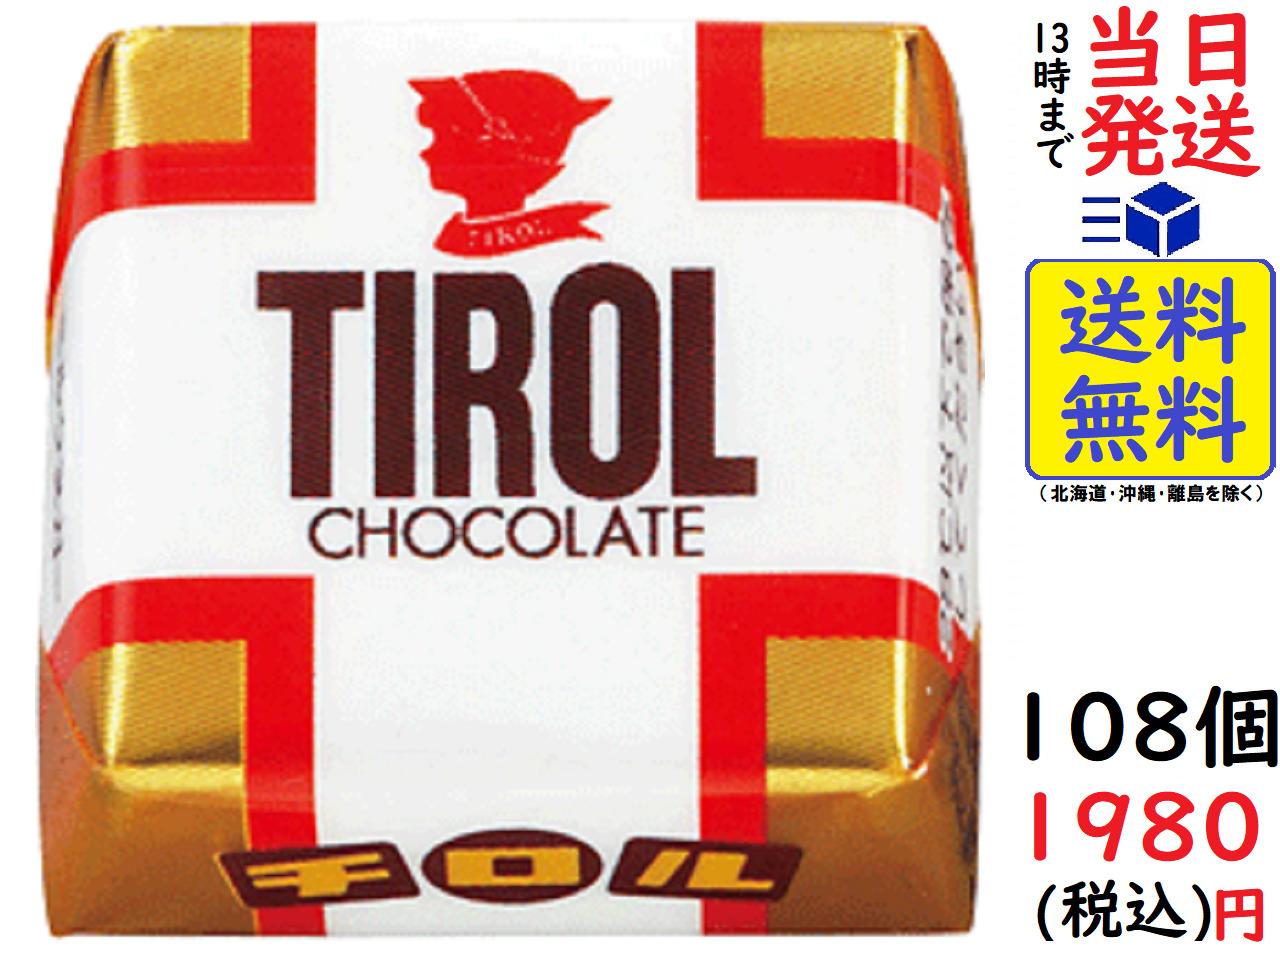 アウトレット☆送料無料 送料無料 当日発送 チロル チロルチョコ 108個賞味期限2022 ミルクヌガー 07 完売